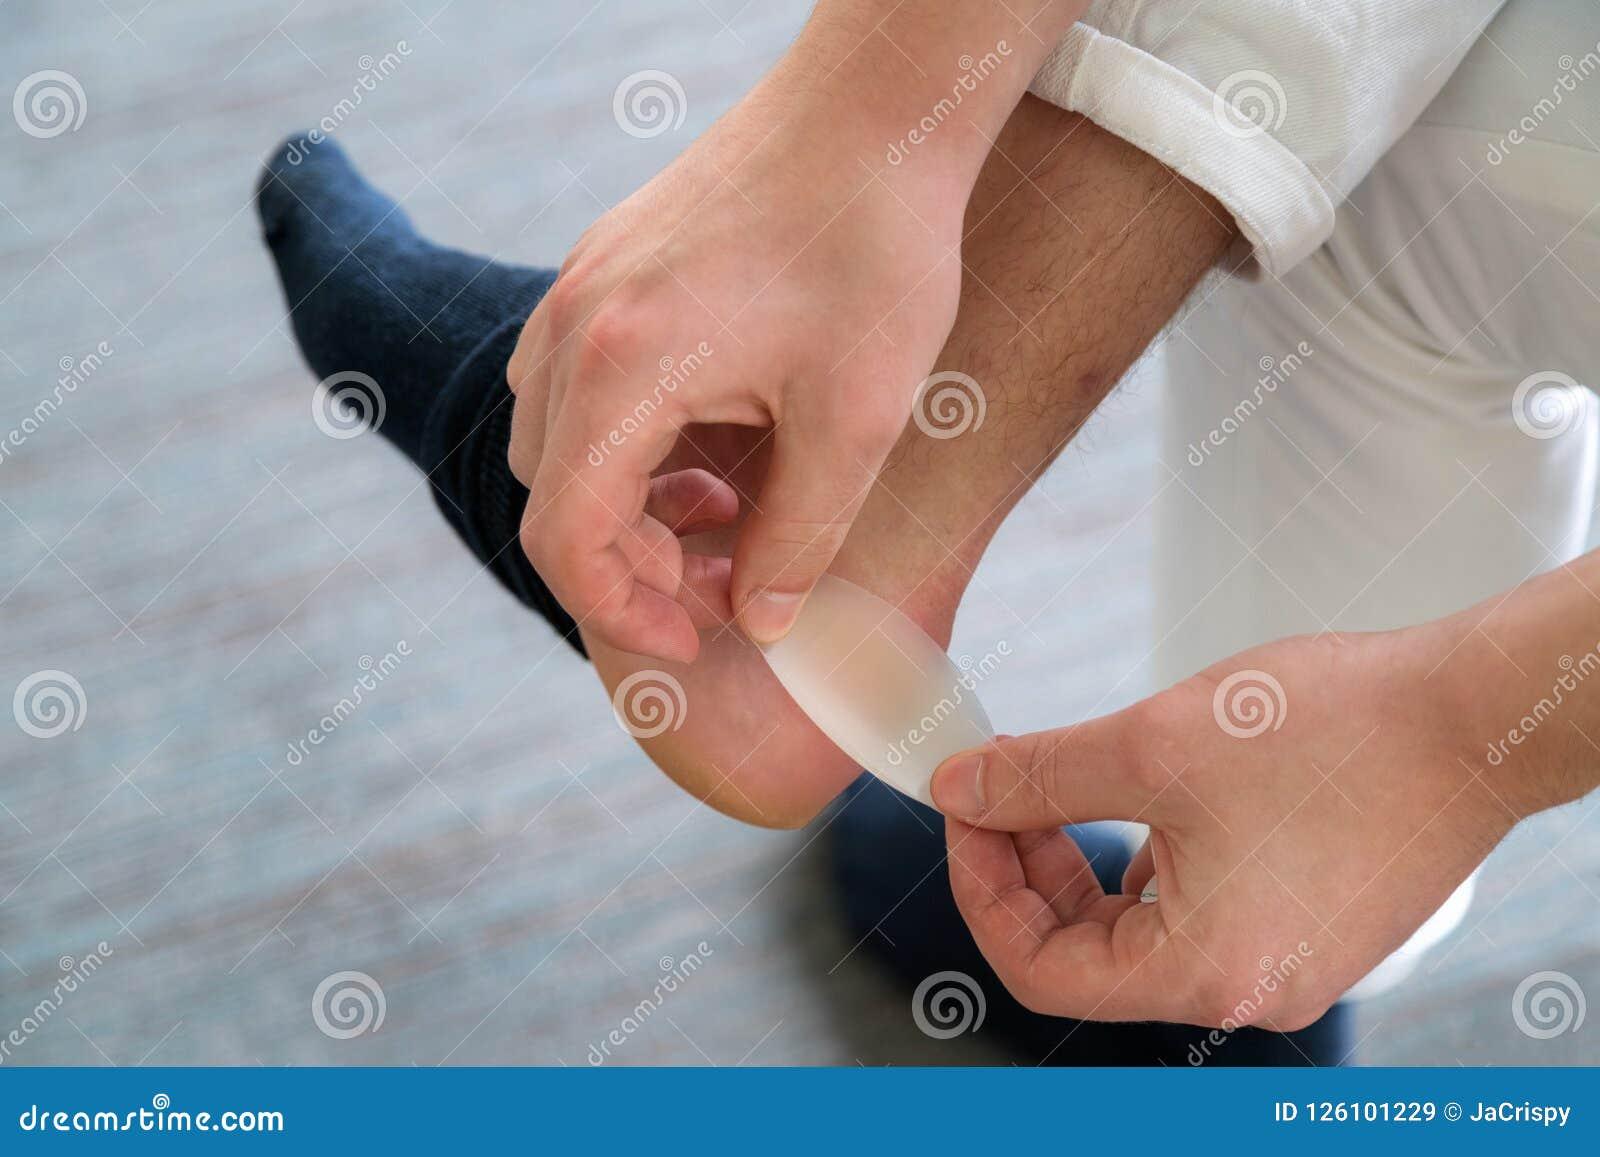 痛苦的脚跟创伤供以人员新的鞋子造成的脚 供以人员手